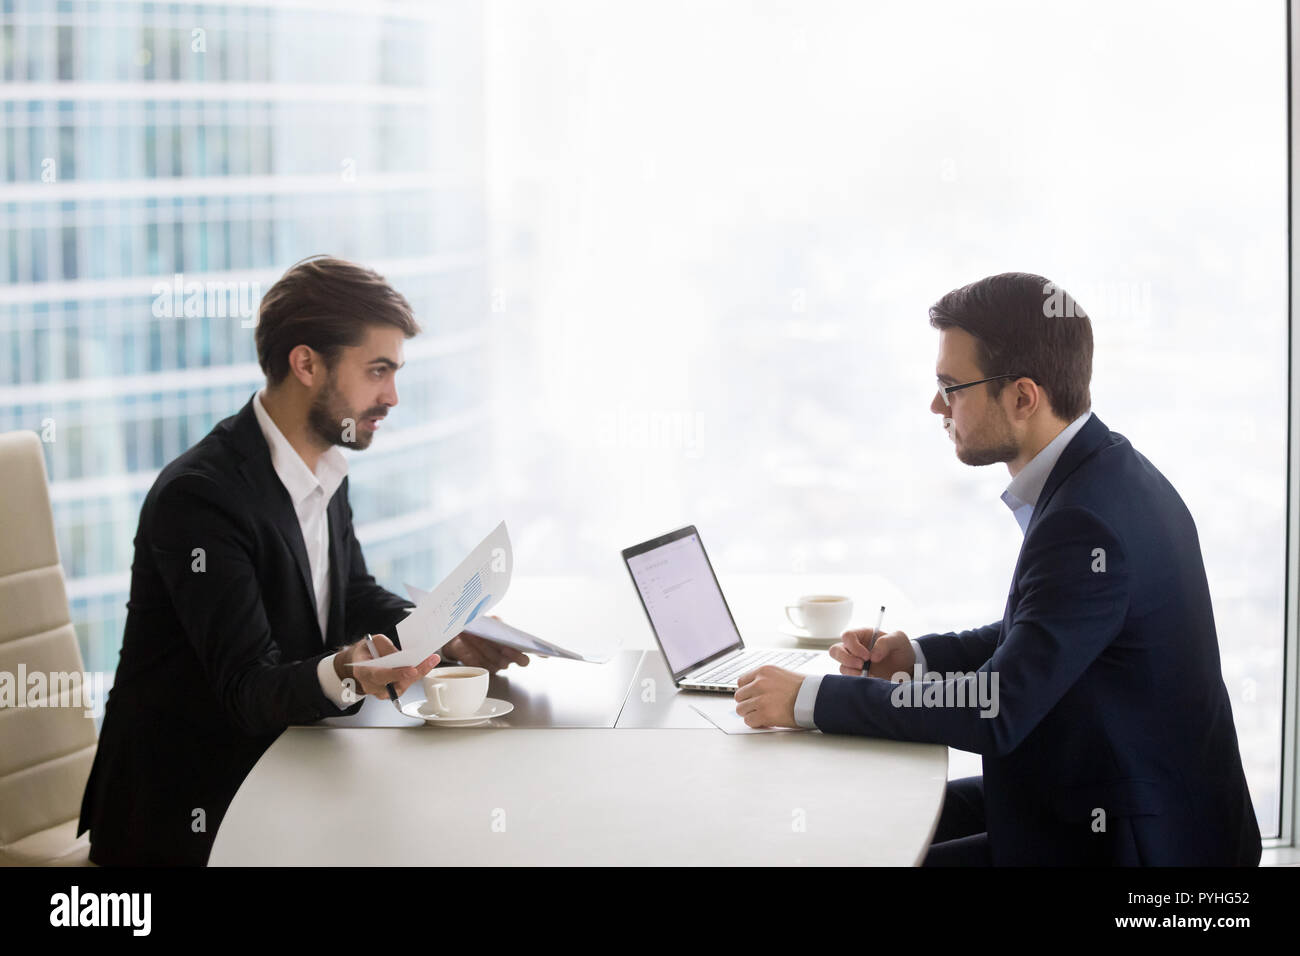 Deux hommes parlent et travaillent avec des papiers in office Photo Stock